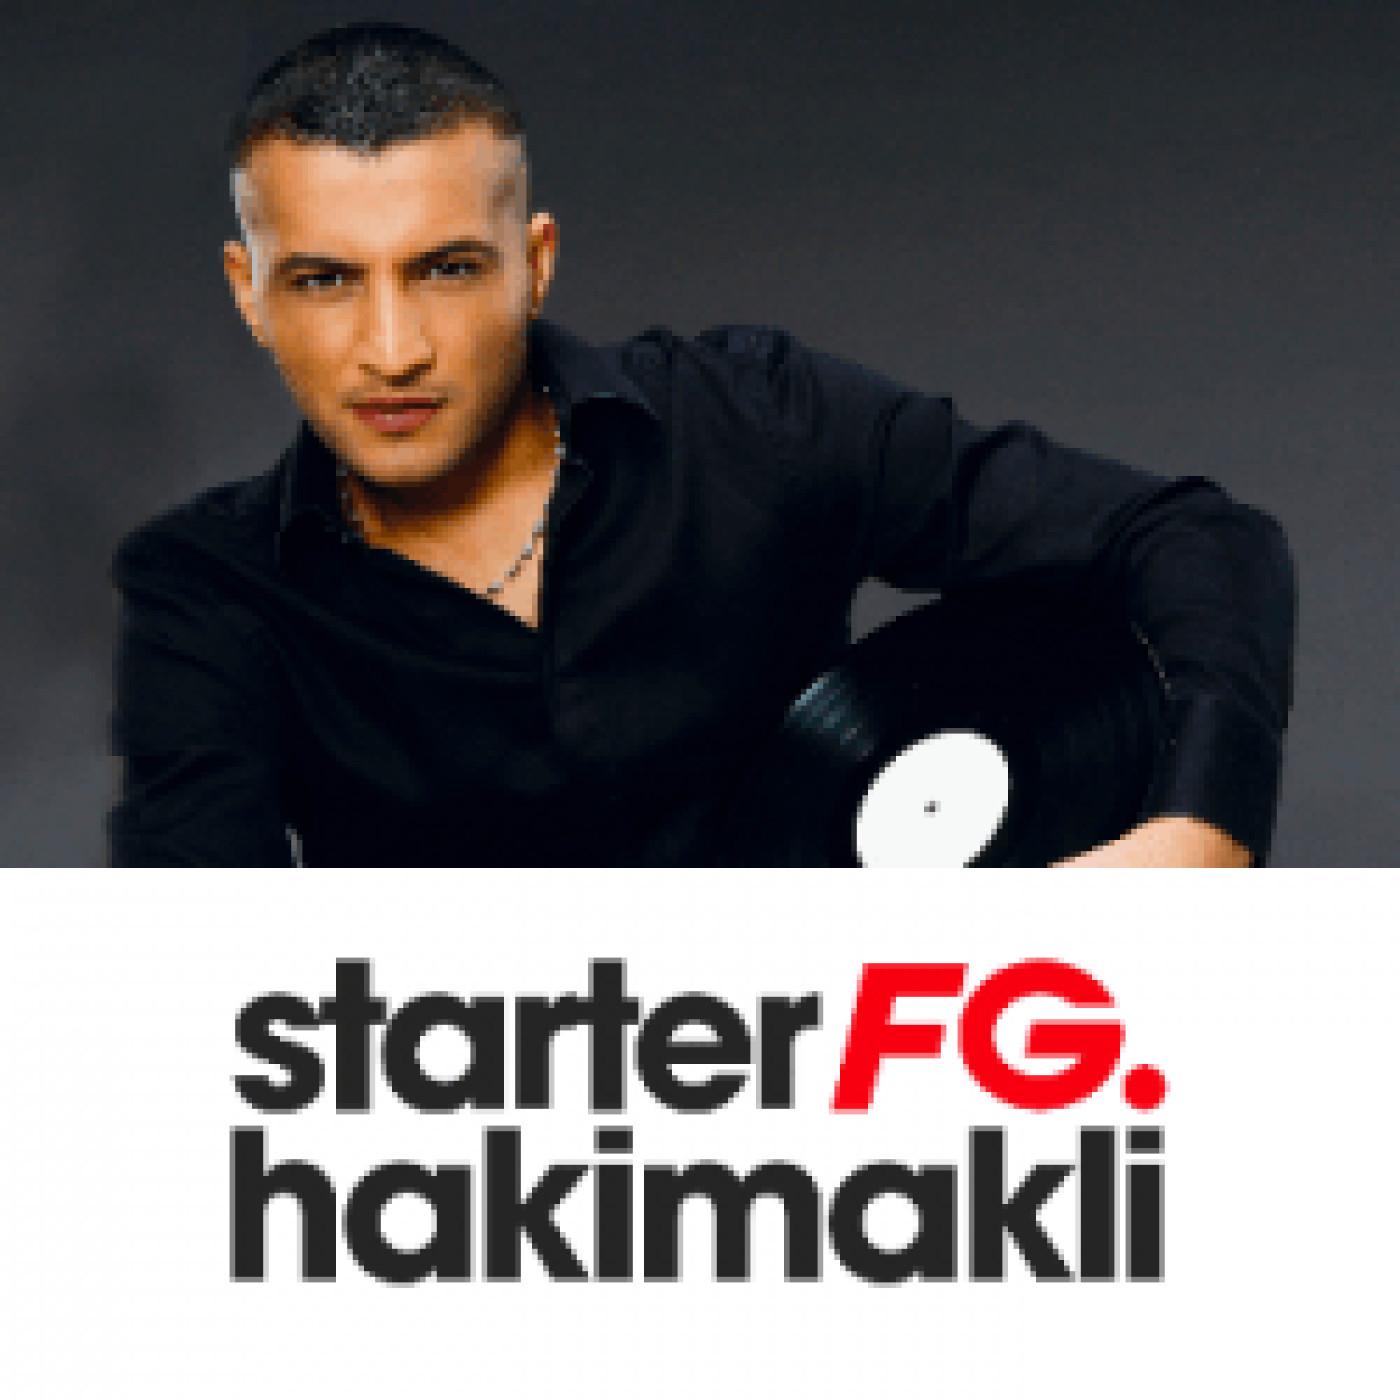 STARTER FG BY HAKIMAKLI MERCREDI 11 NOVEMBRE 2020